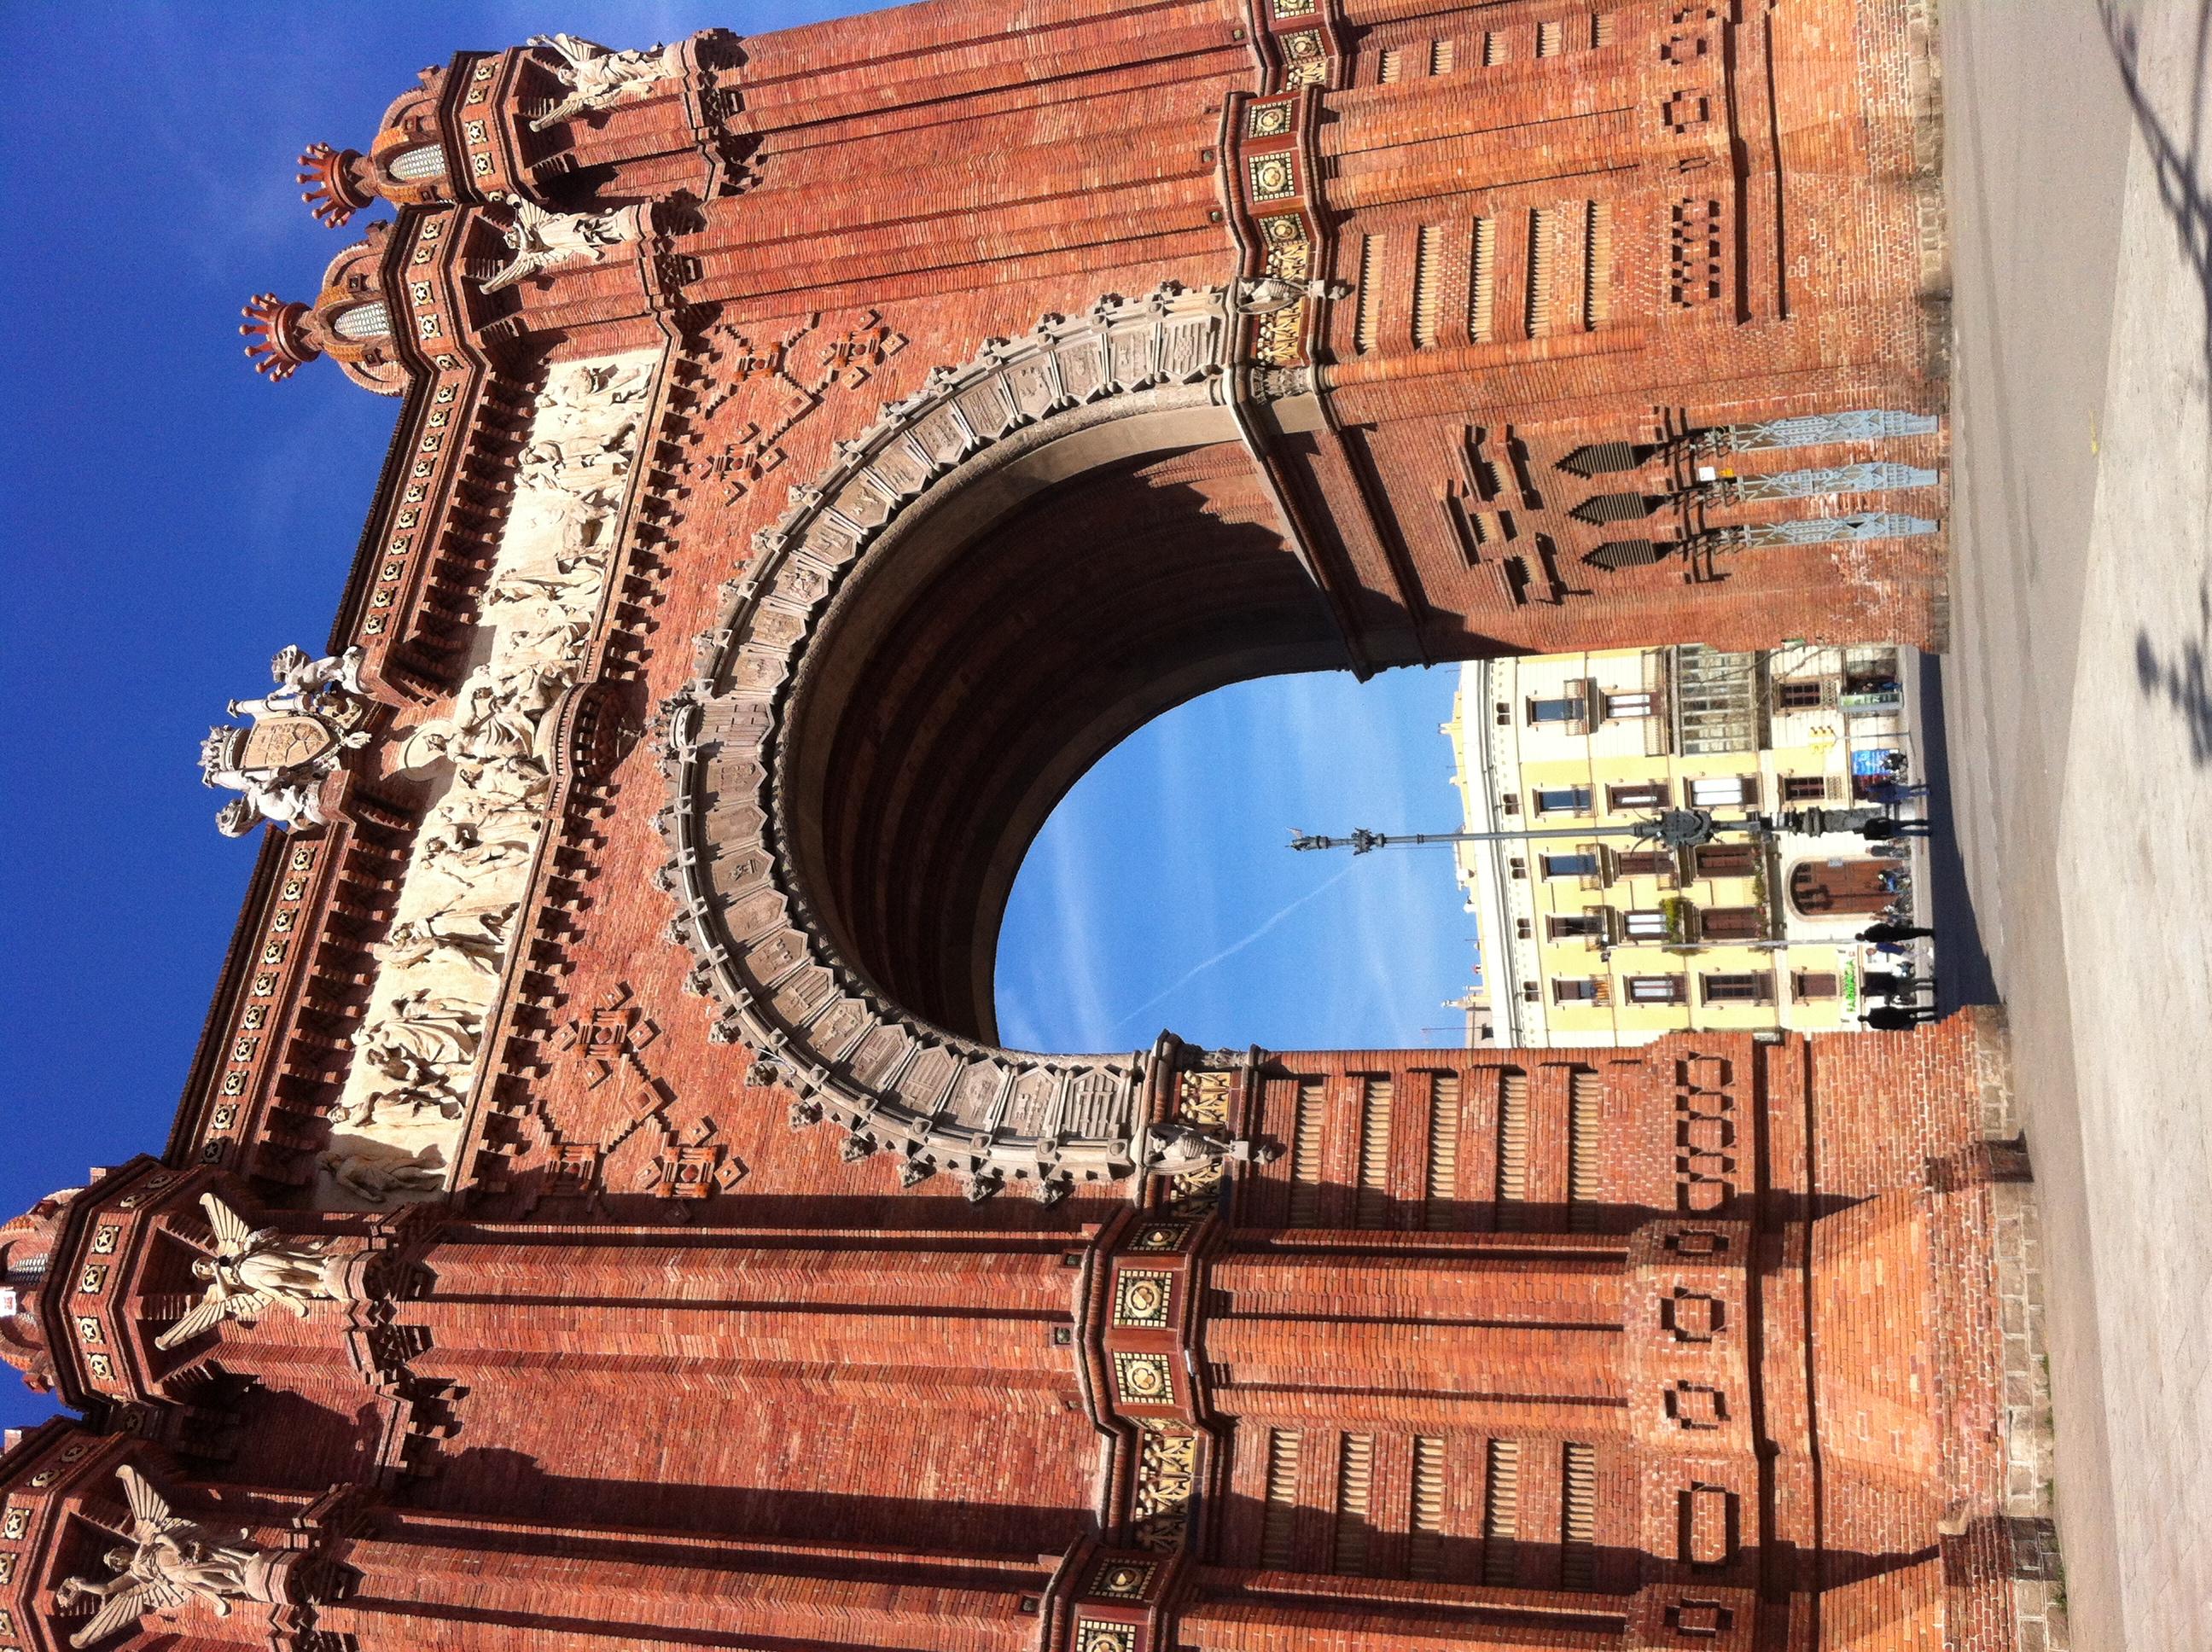 Barcelona – Arc de Triomf